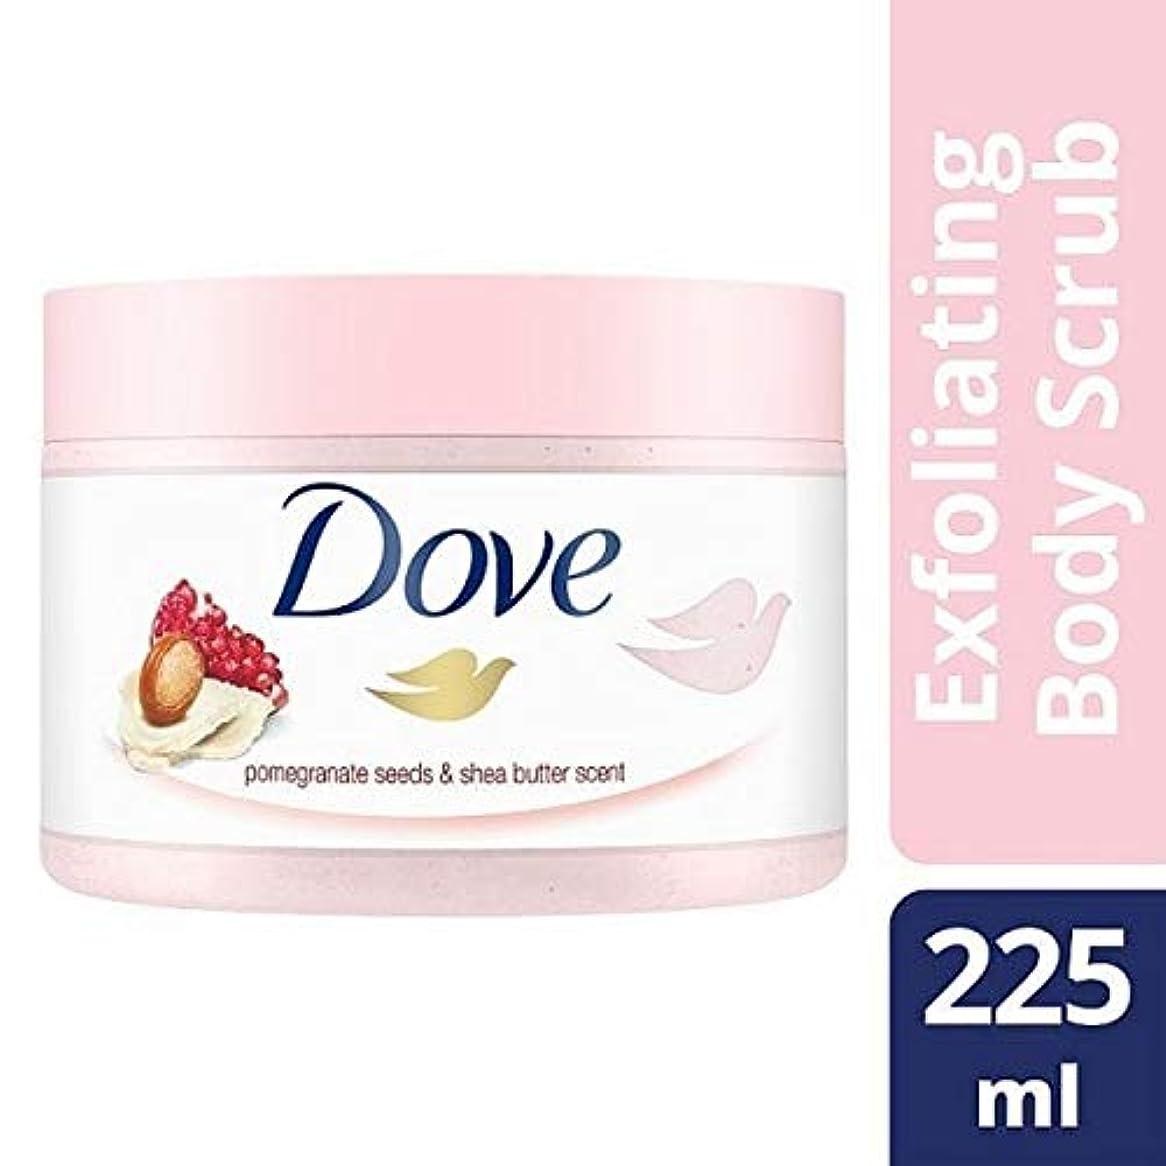 戦術戸惑う防衛[Dove ] 225ミリリットルボディスクラブザクロ種子を剥離鳩 - Dove Exfoliating Body Scrub Pomegranate Seeds 225ml [並行輸入品]